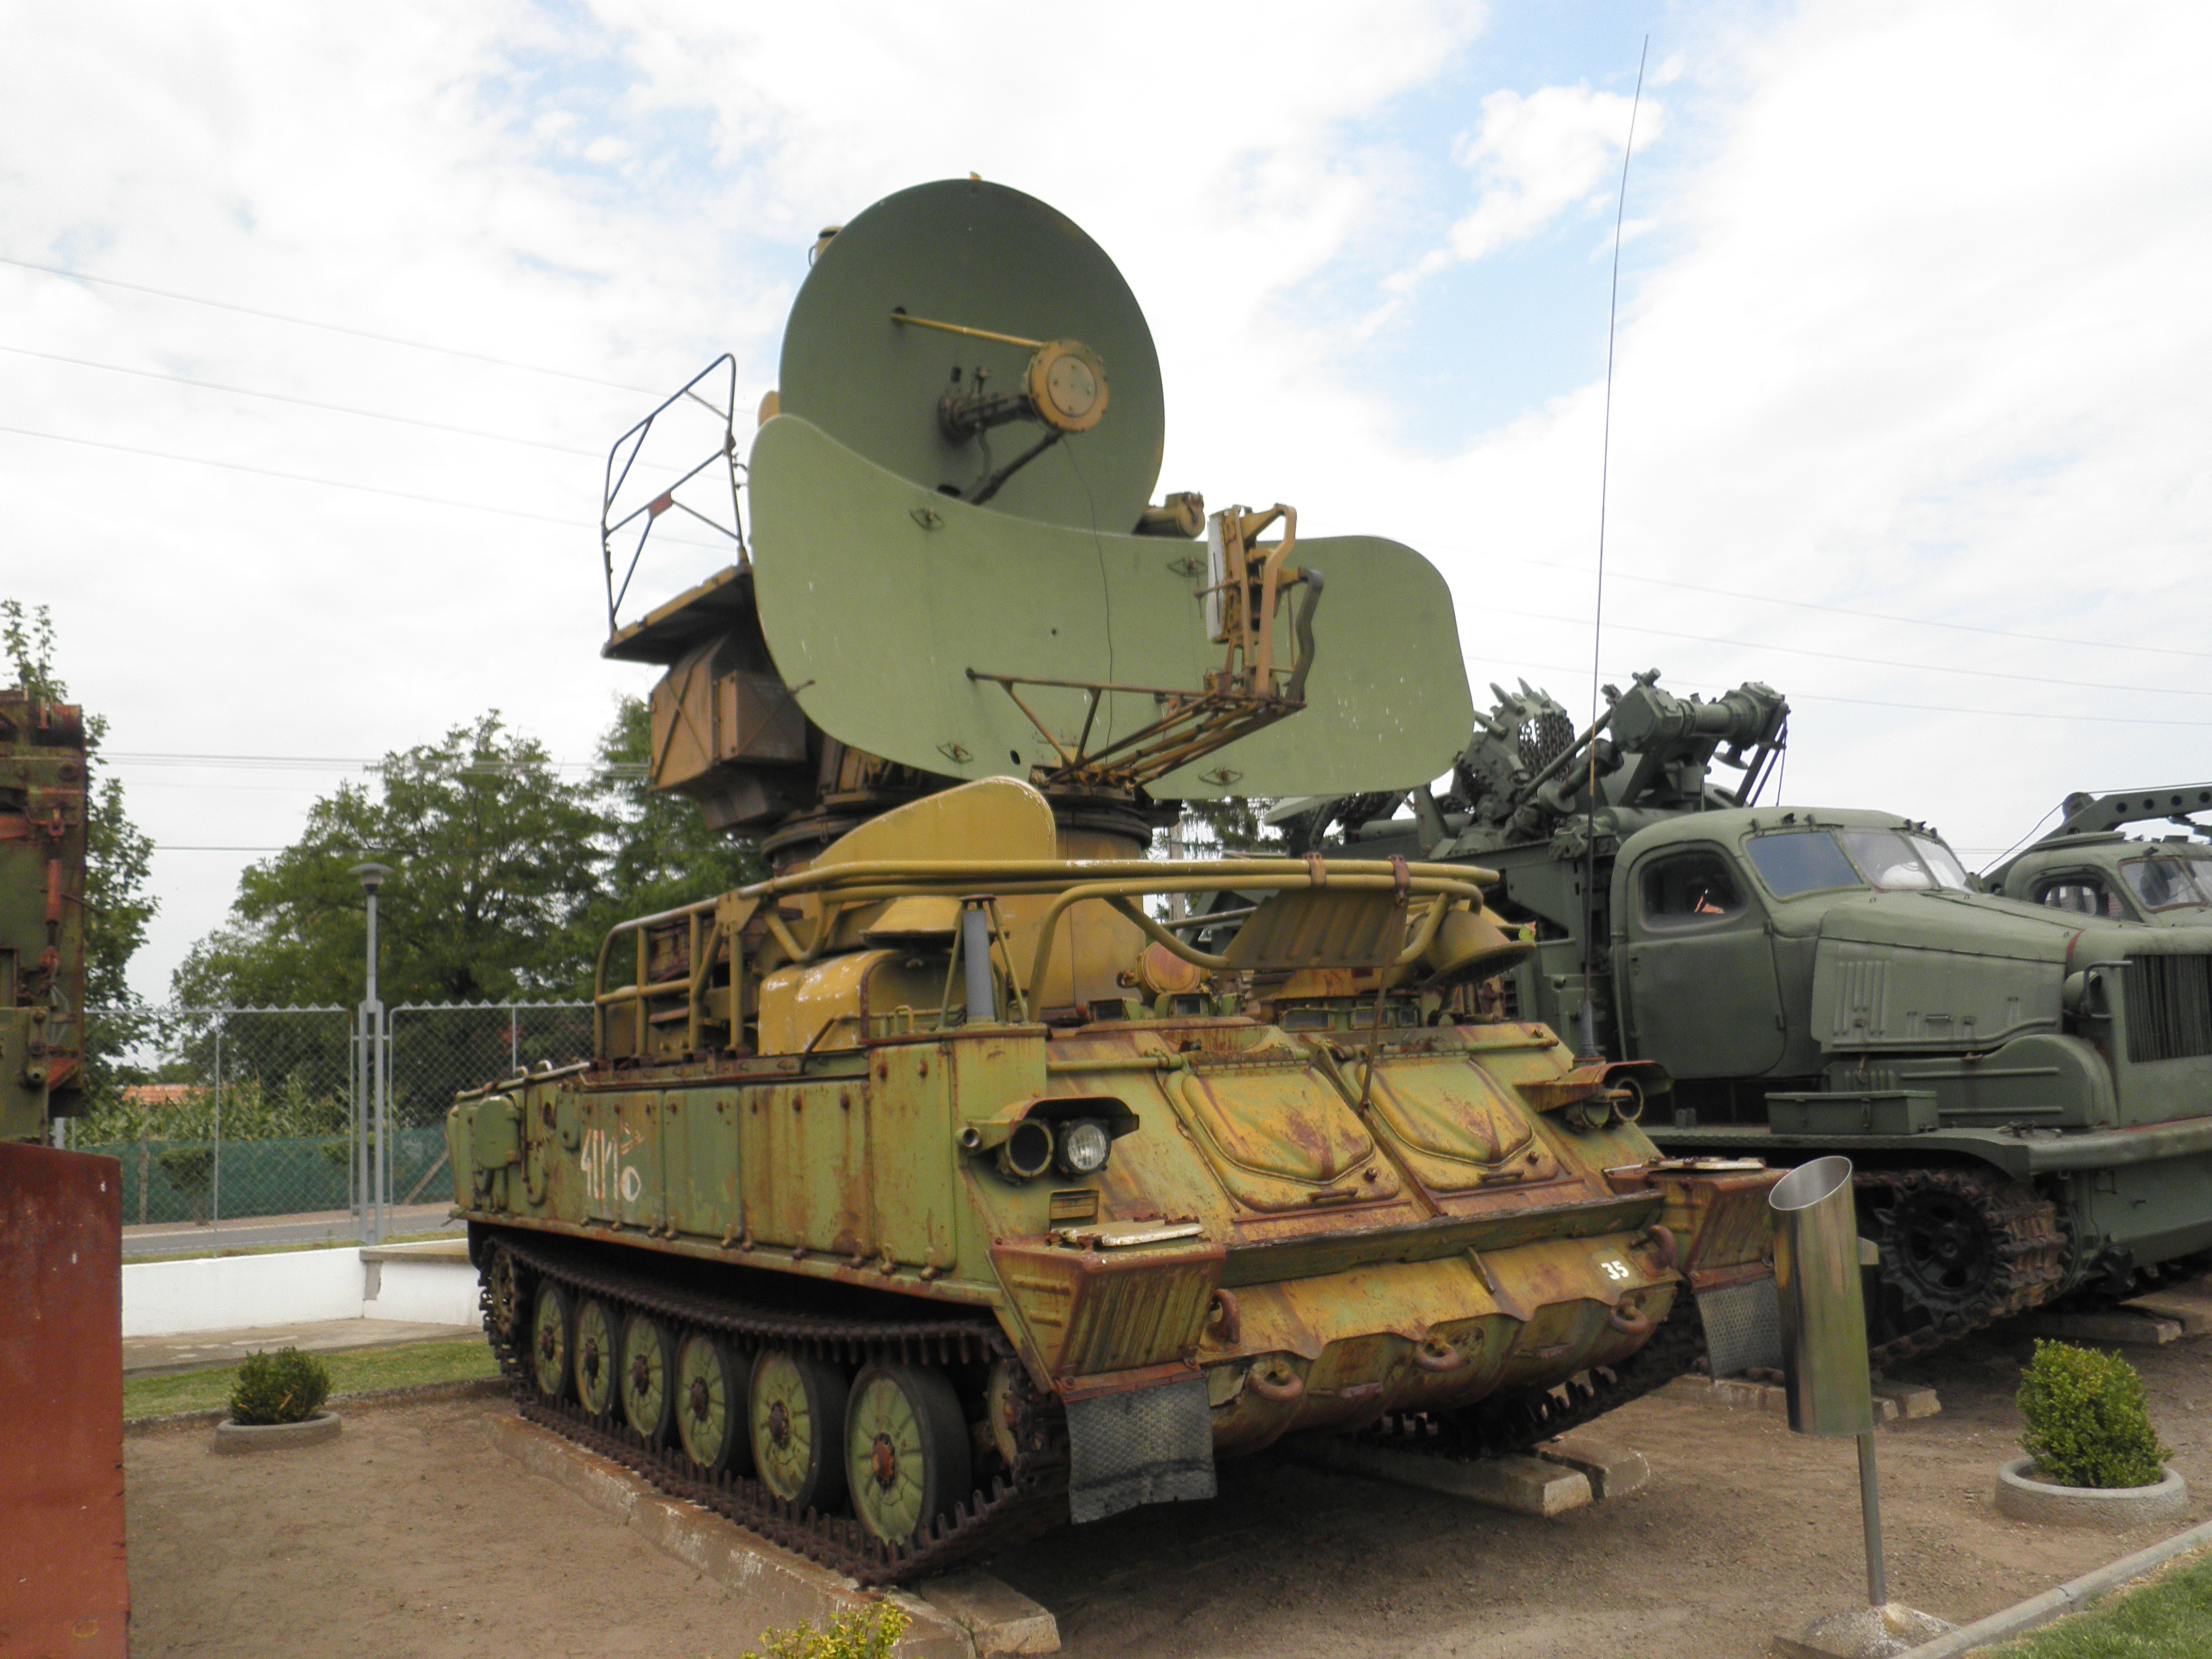 クリーモフ RD-33ターボファンエンジン×2基 [無断転載禁止]©2ch.net YouTube動画>22本 ->画像>258枚